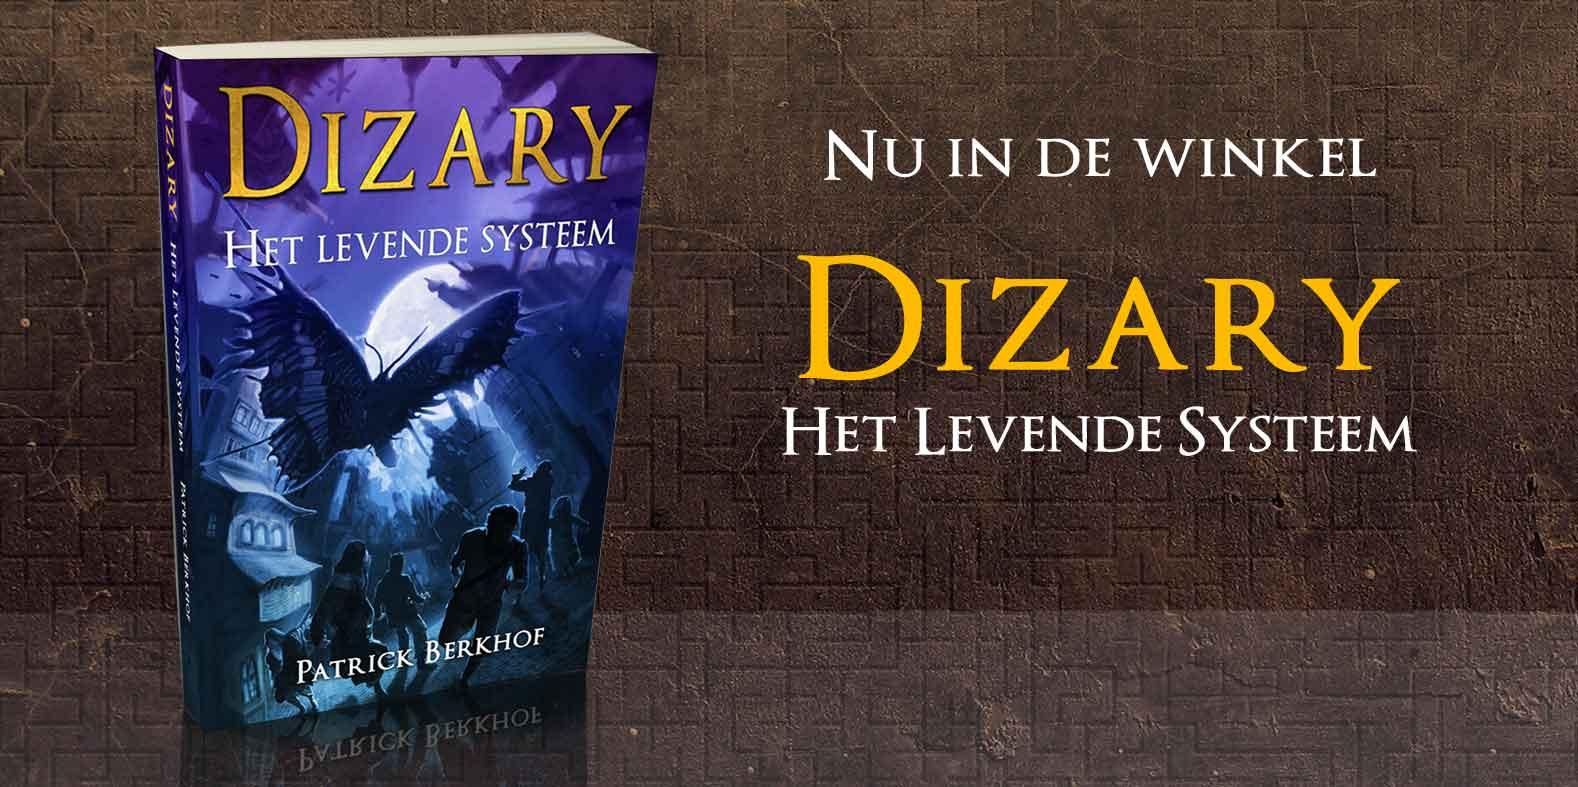 Dizary vanaf nu verkrijgbaar in de boekenwinkel